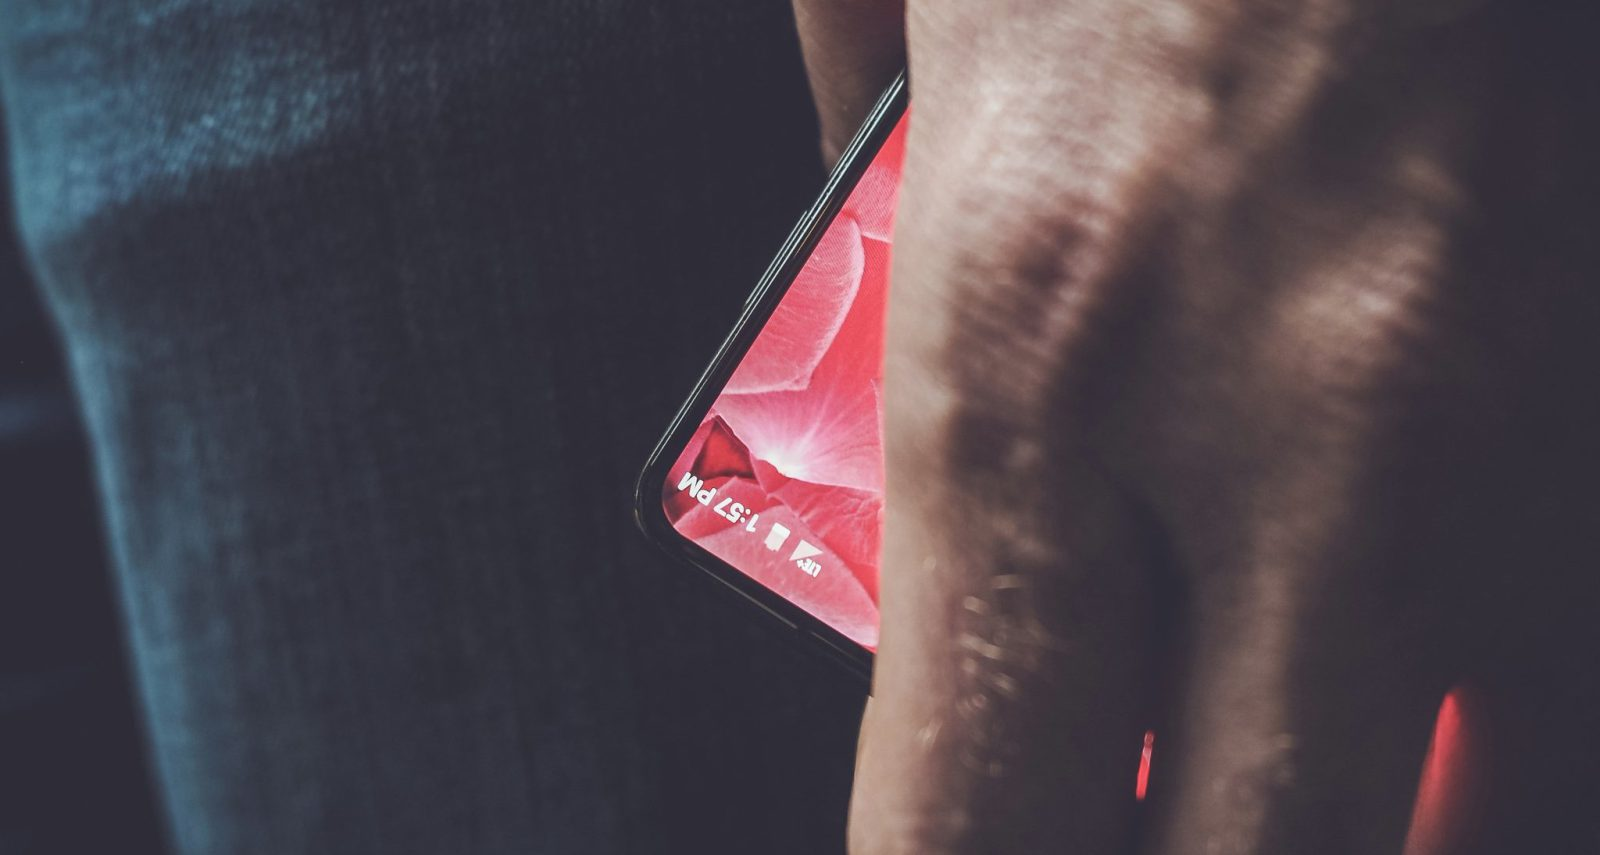 Eric Schmidt confirma que el smartphone de Essential funciona con Android